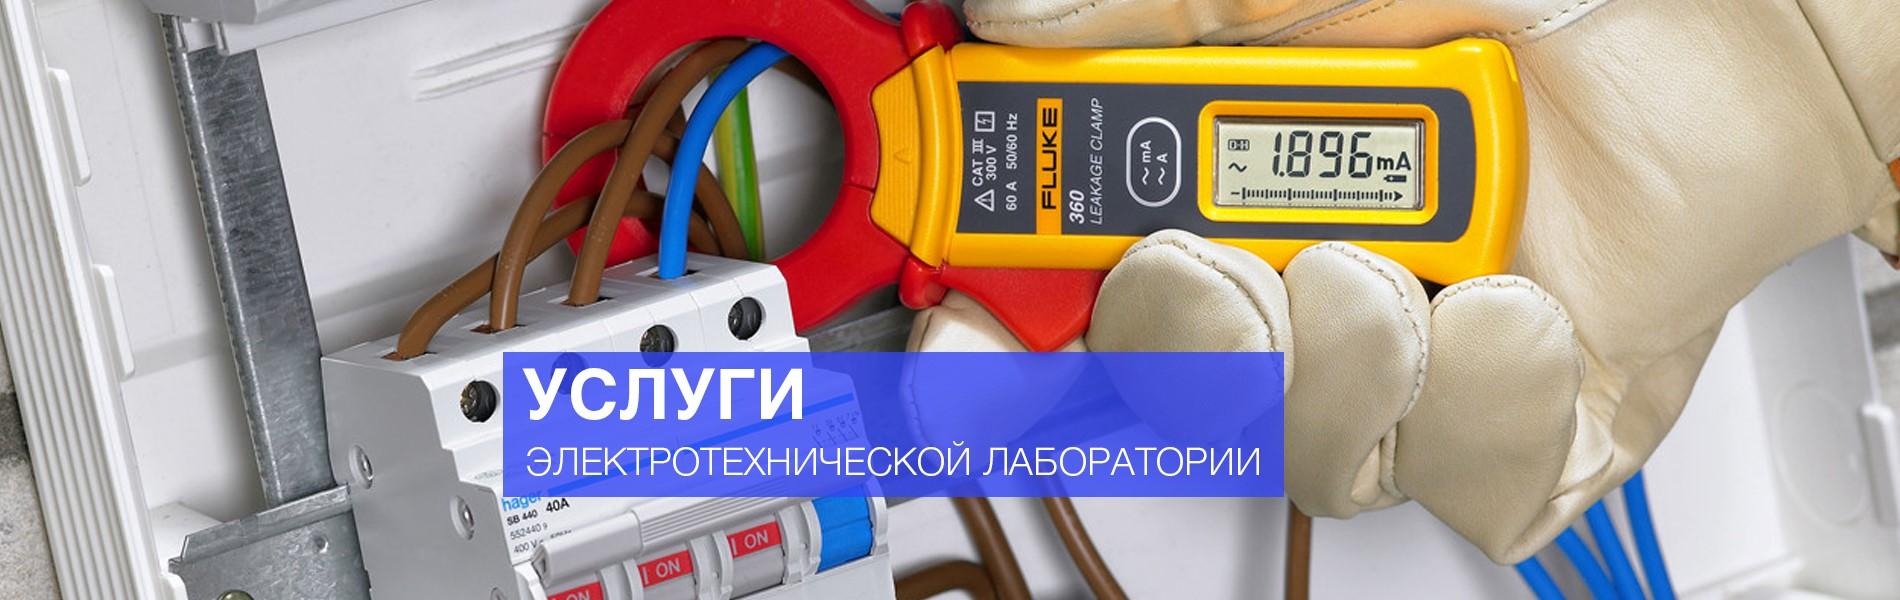 Услуги электролаборатории в Москве по доступным ценам.